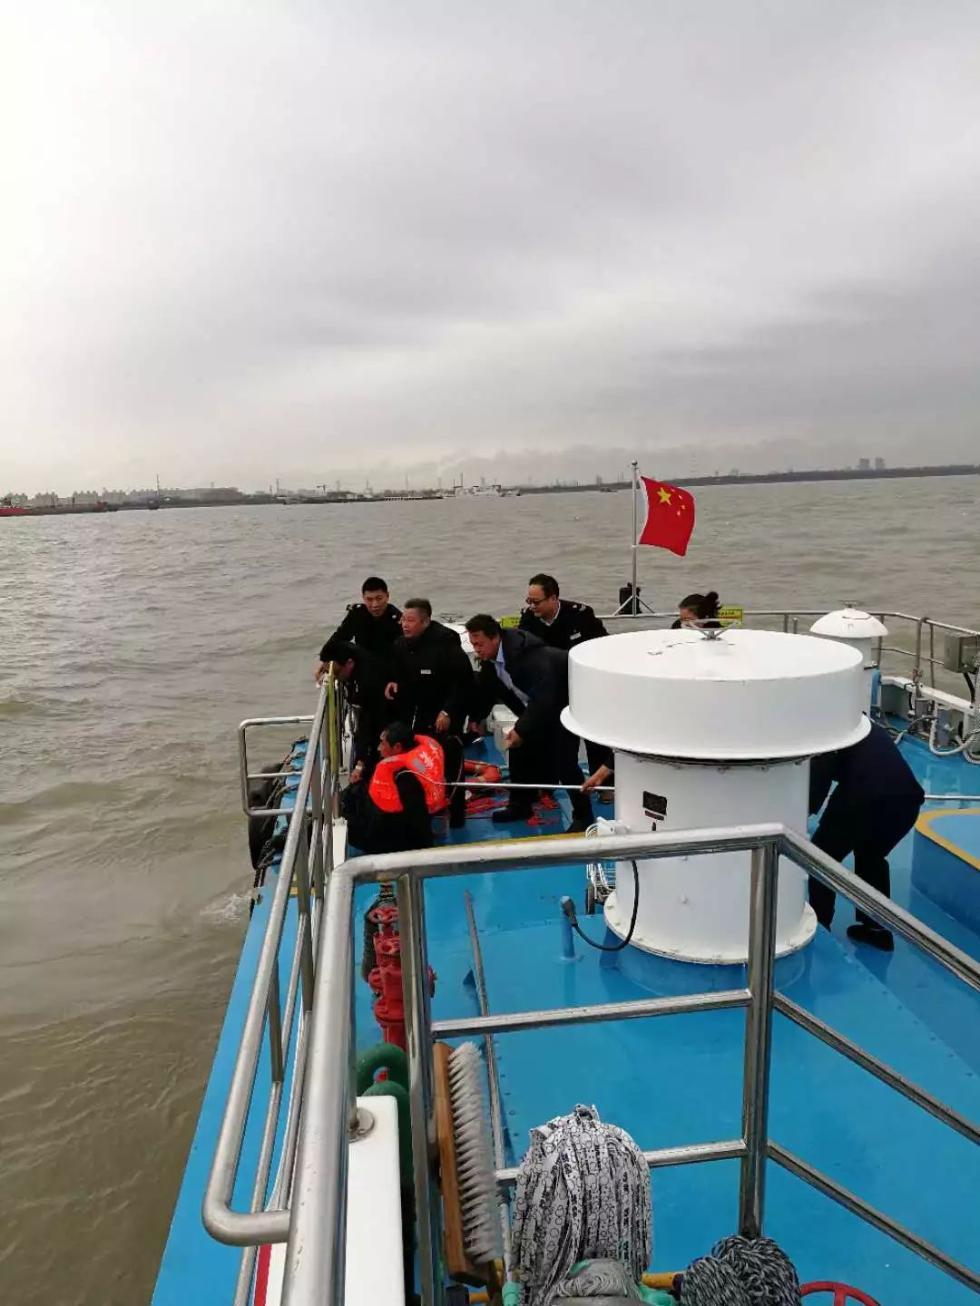 突发!今早一艘货船在江面翻沉,落水者被开往崇明的航班及时救起!